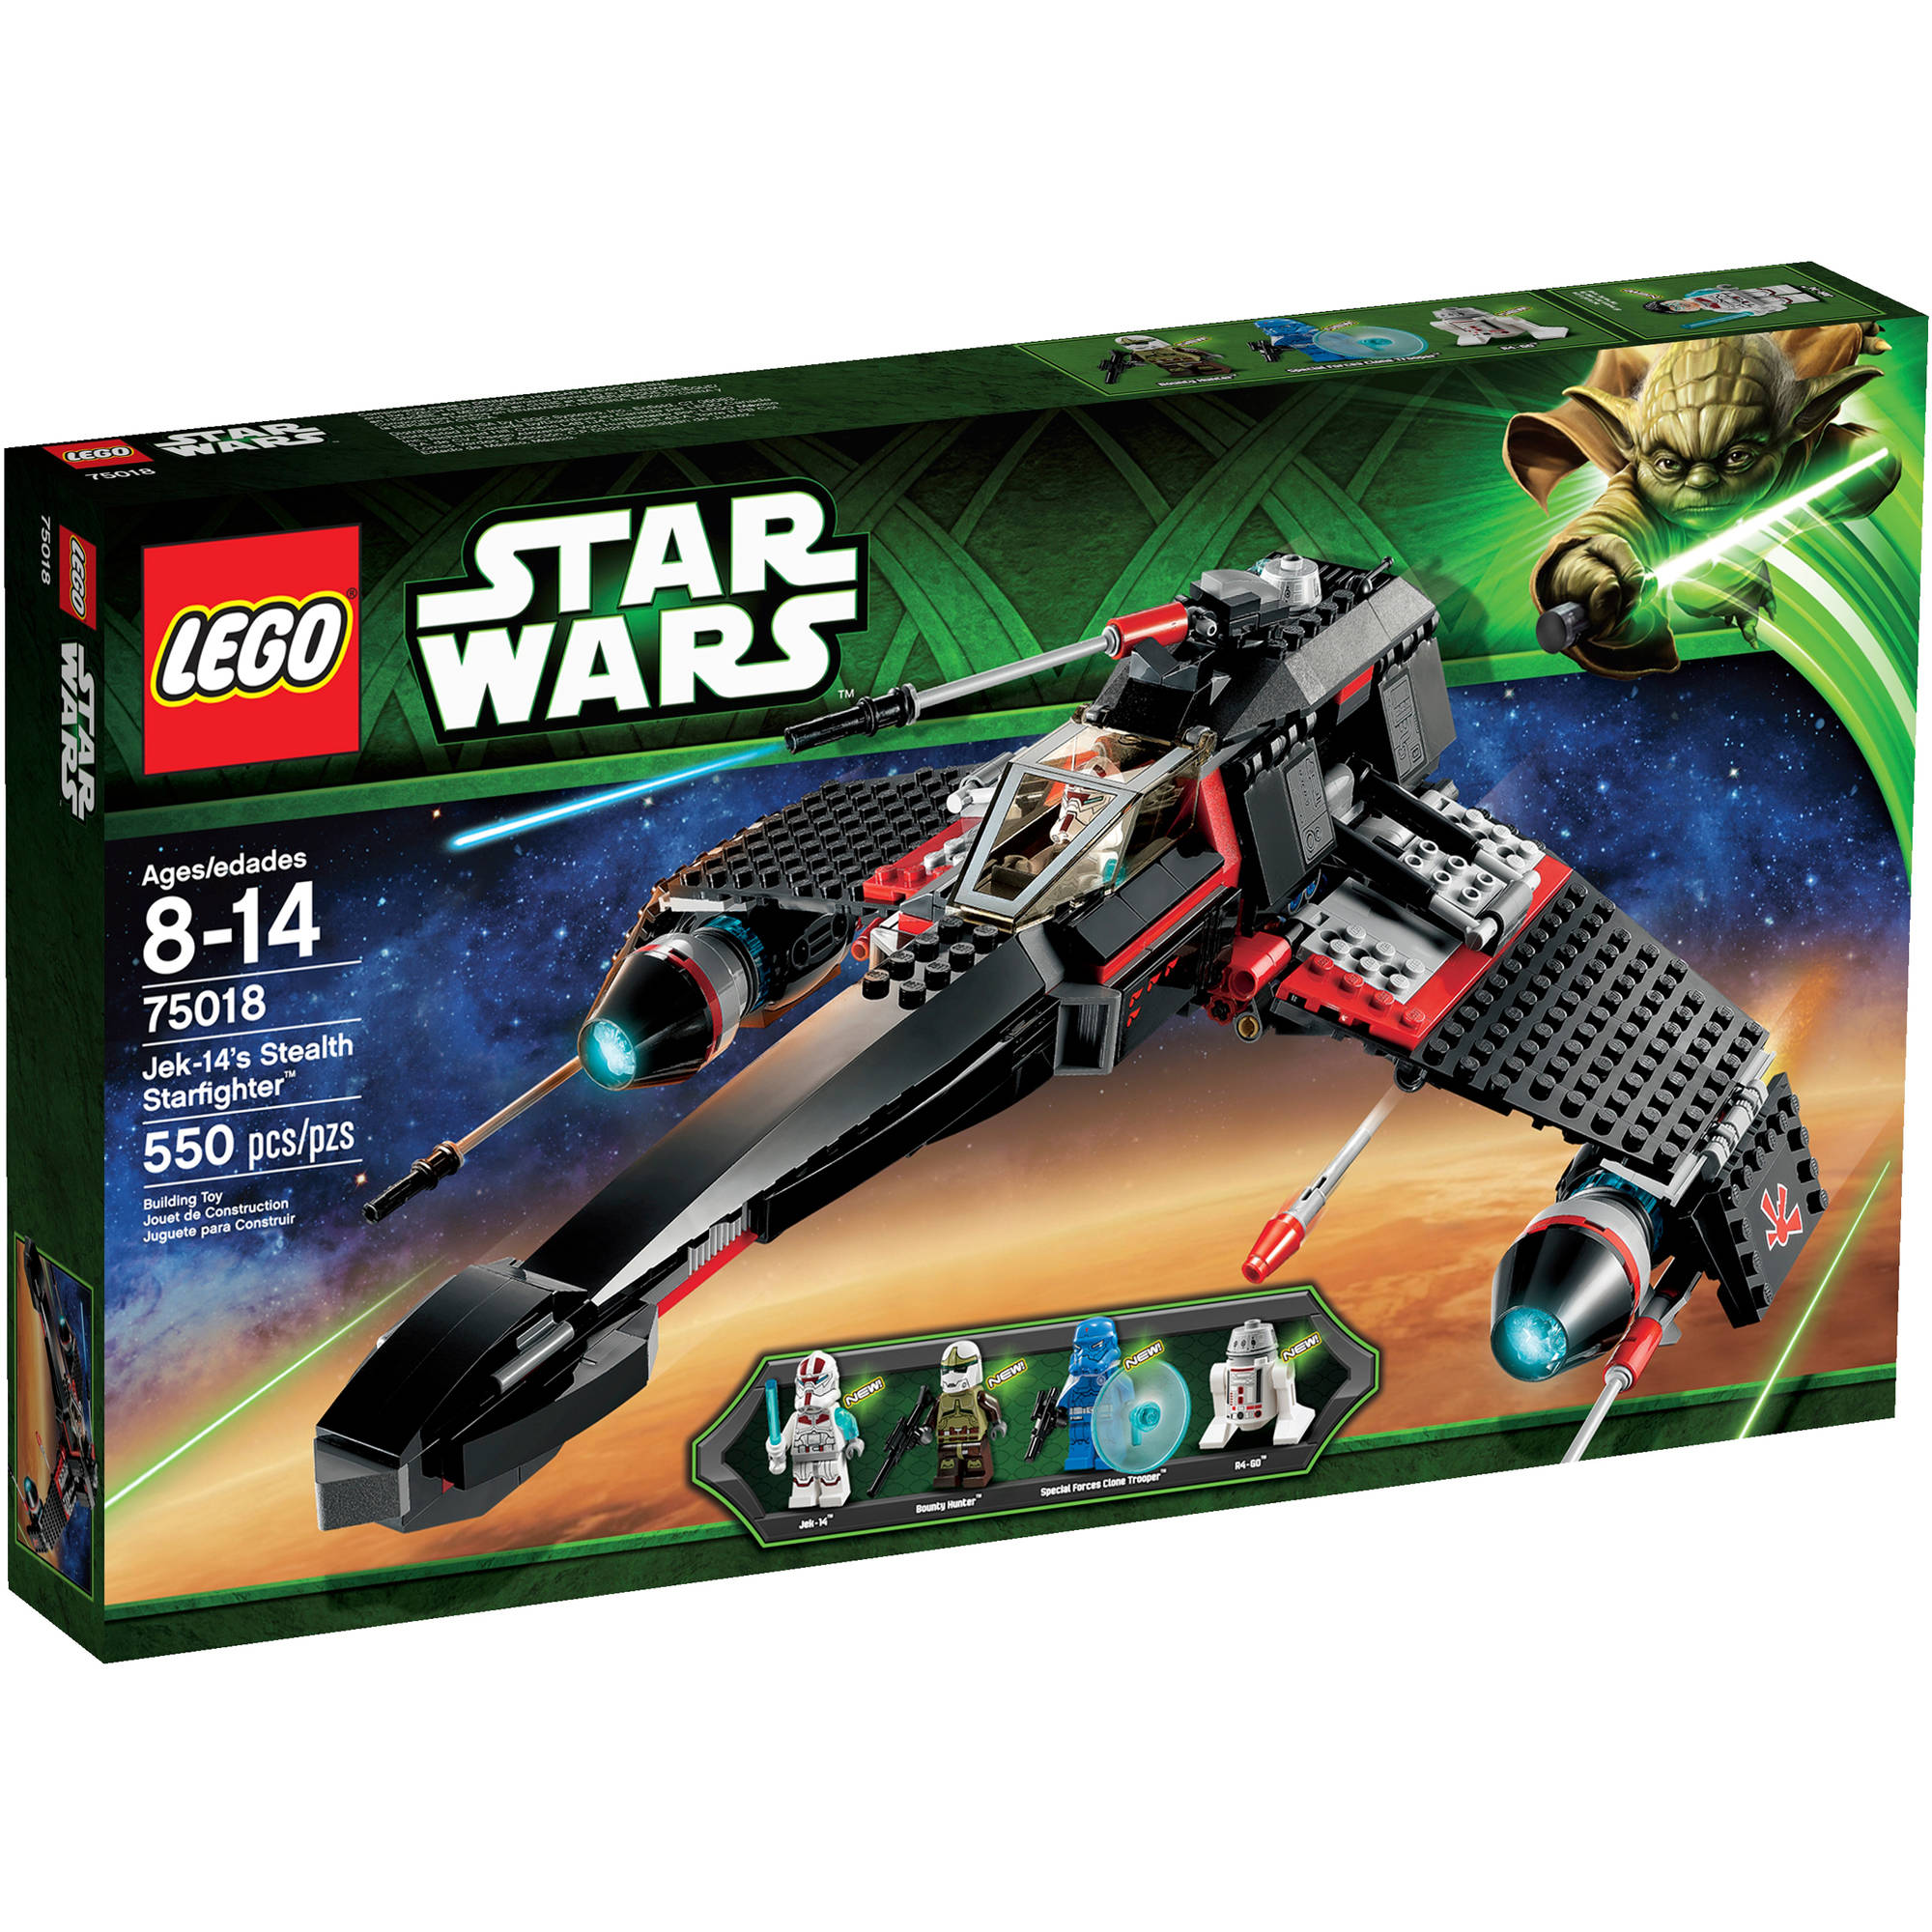 LEGO Star Wars Jek-14 Stealth Starfighter